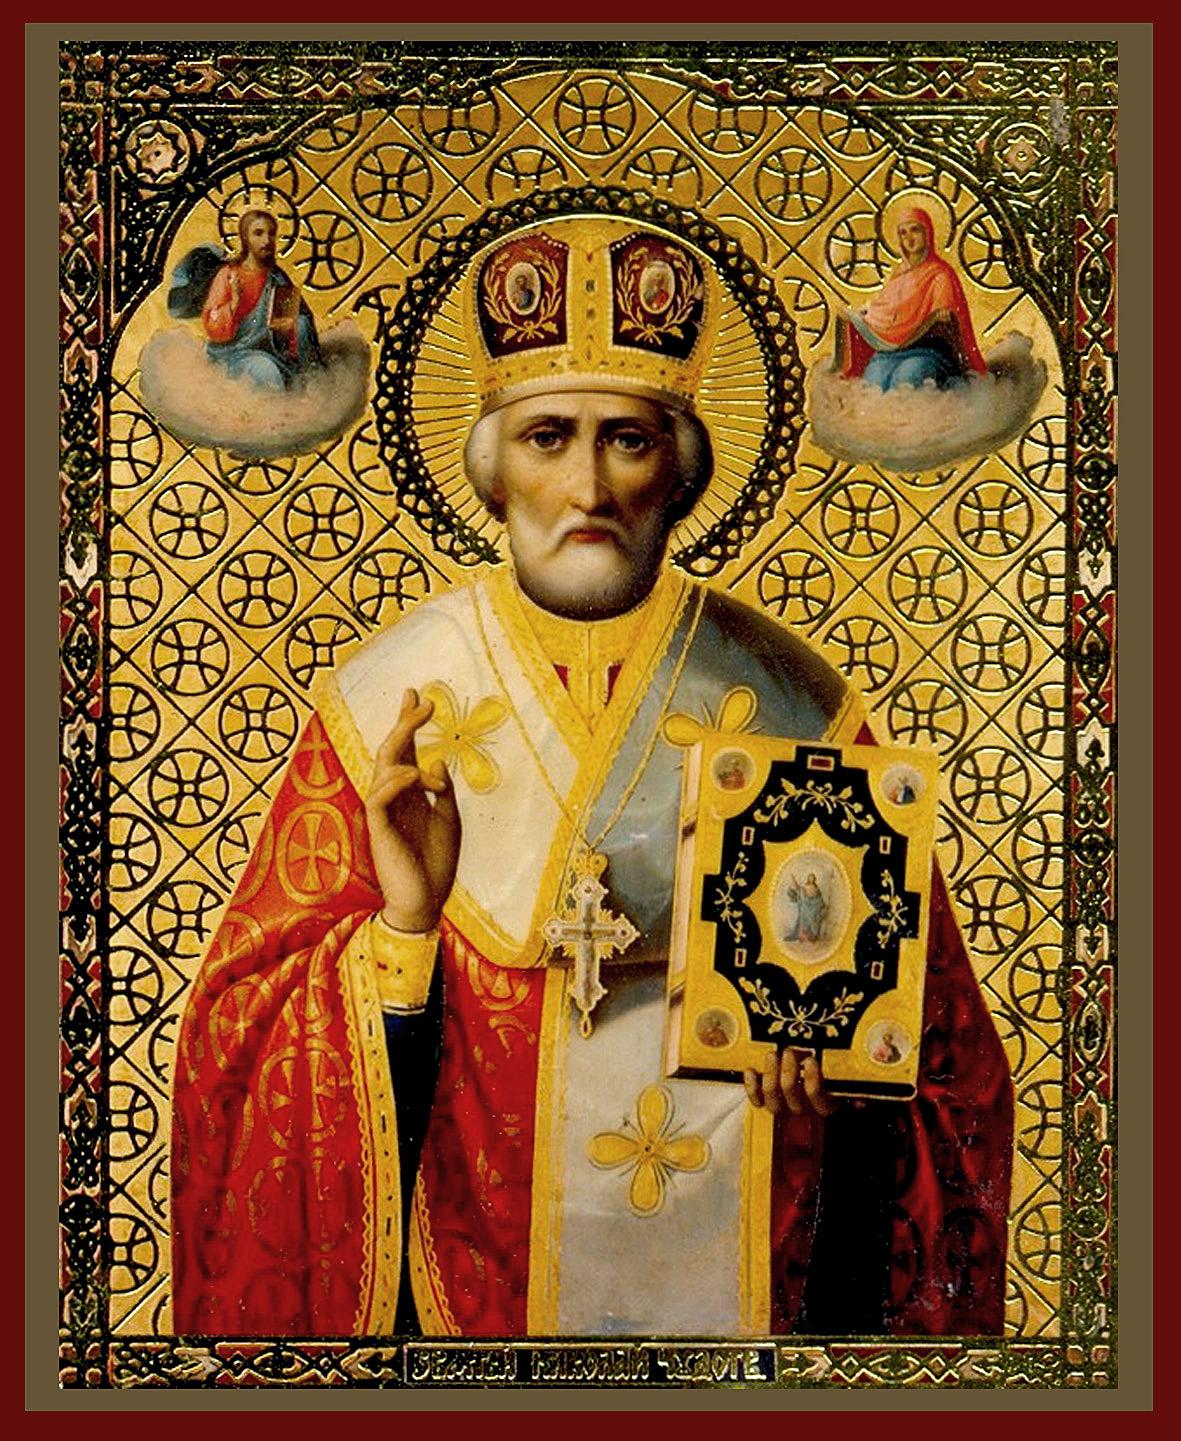 правило, картинки на смартфон с ликами святых единственного европейского народа